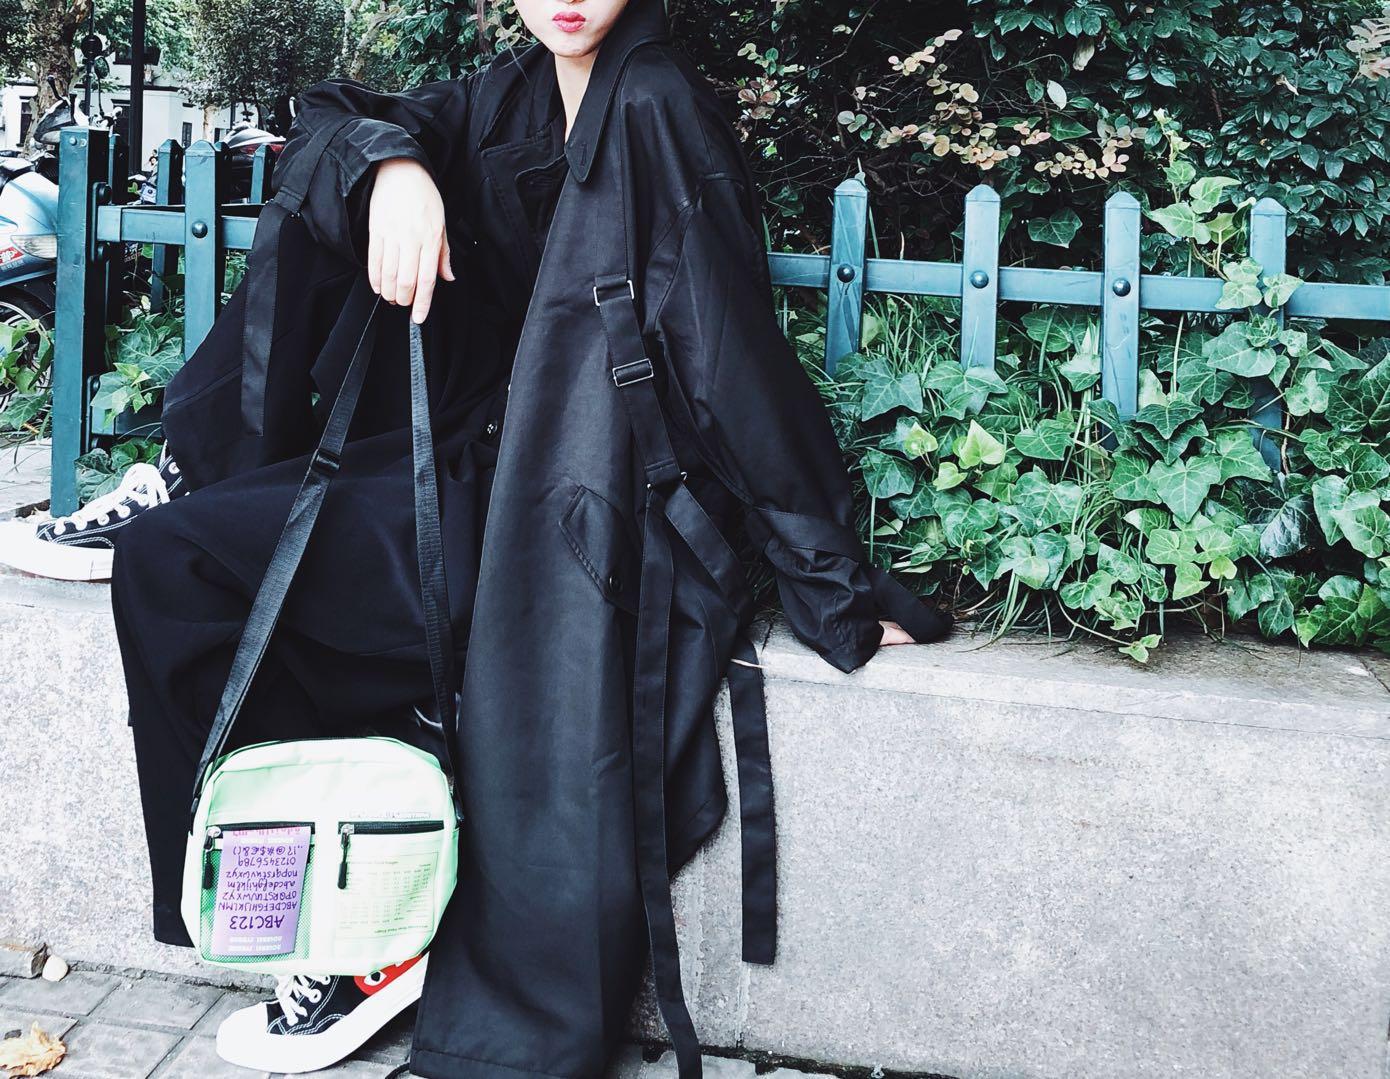 秋山本暗黑风中国质感风衣简约长袖纯色长款外套女 2018